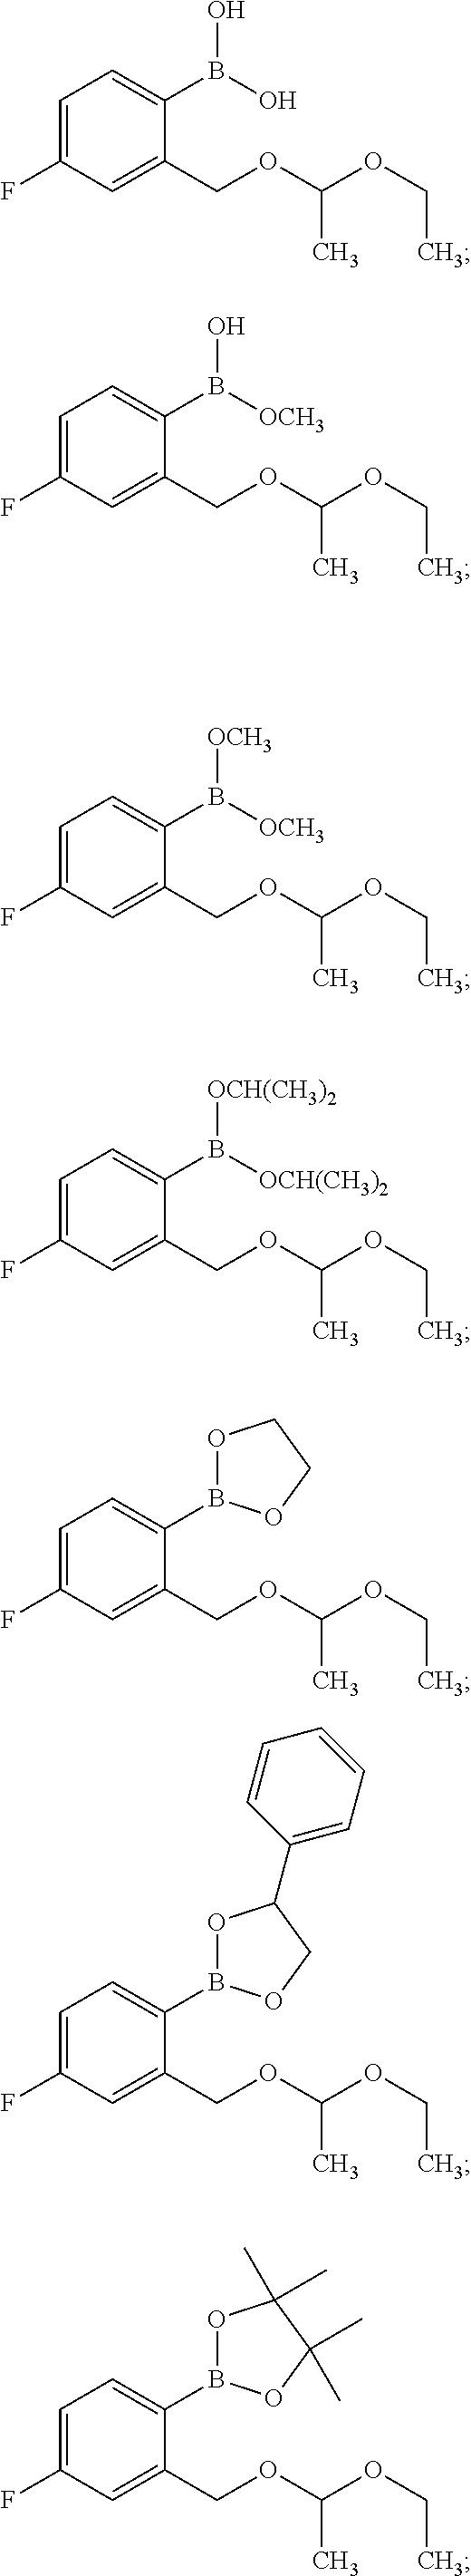 Figure US09566289-20170214-C00091